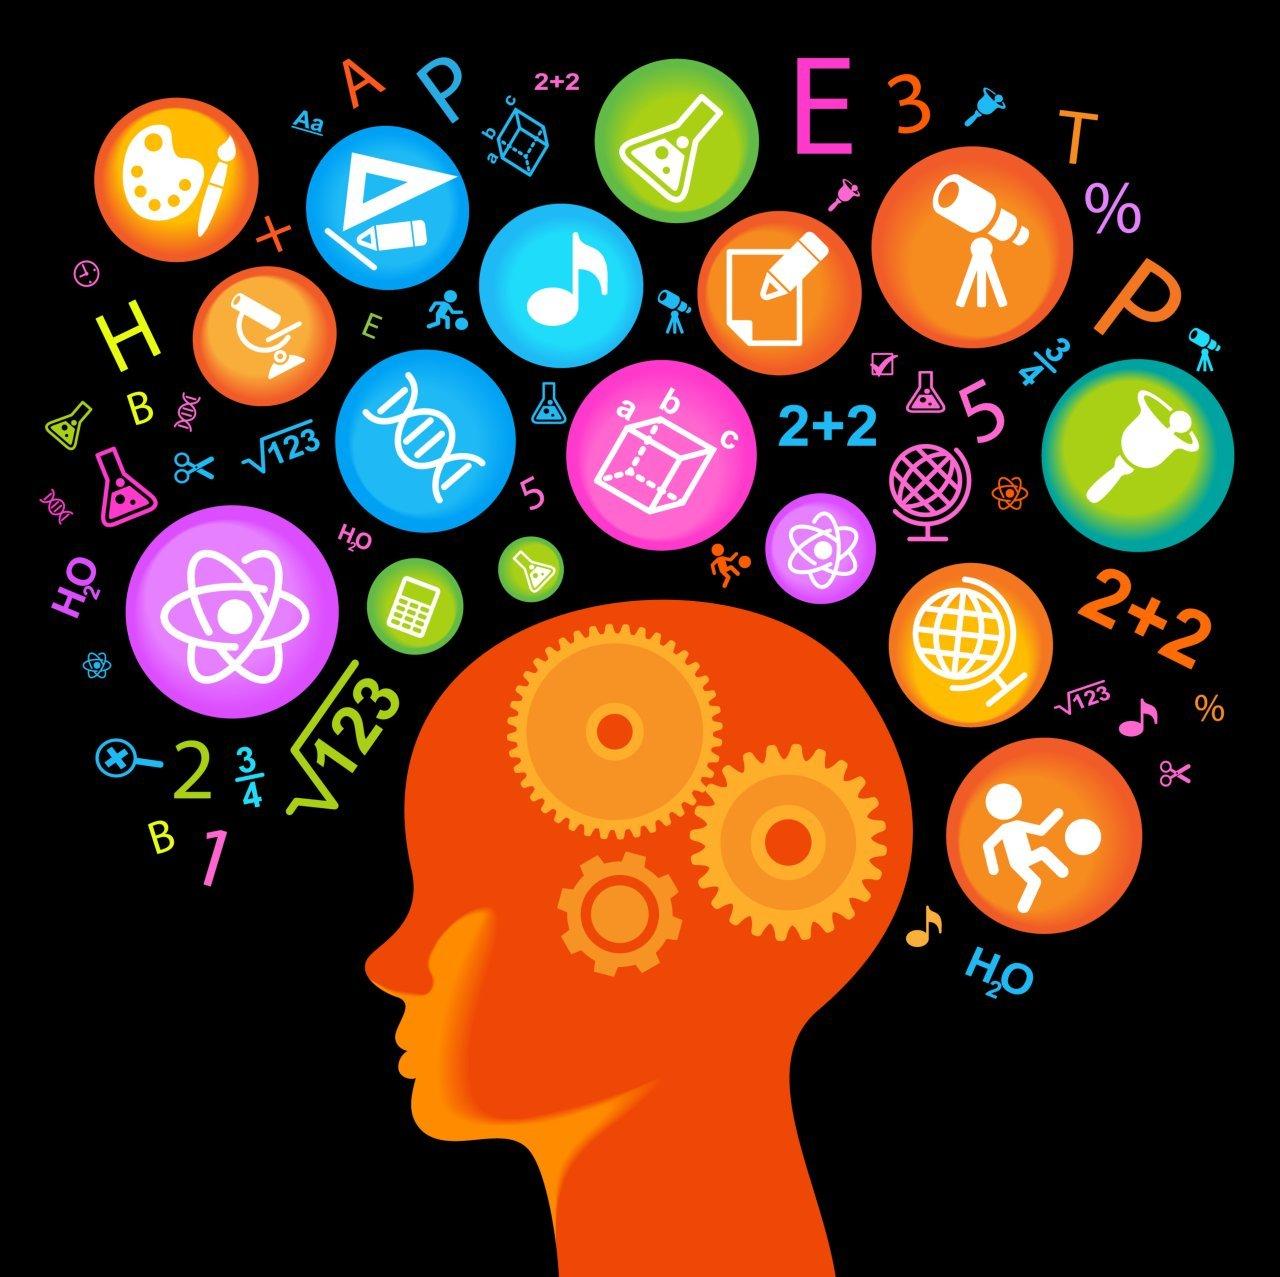 психологические игры и тесты для студентов